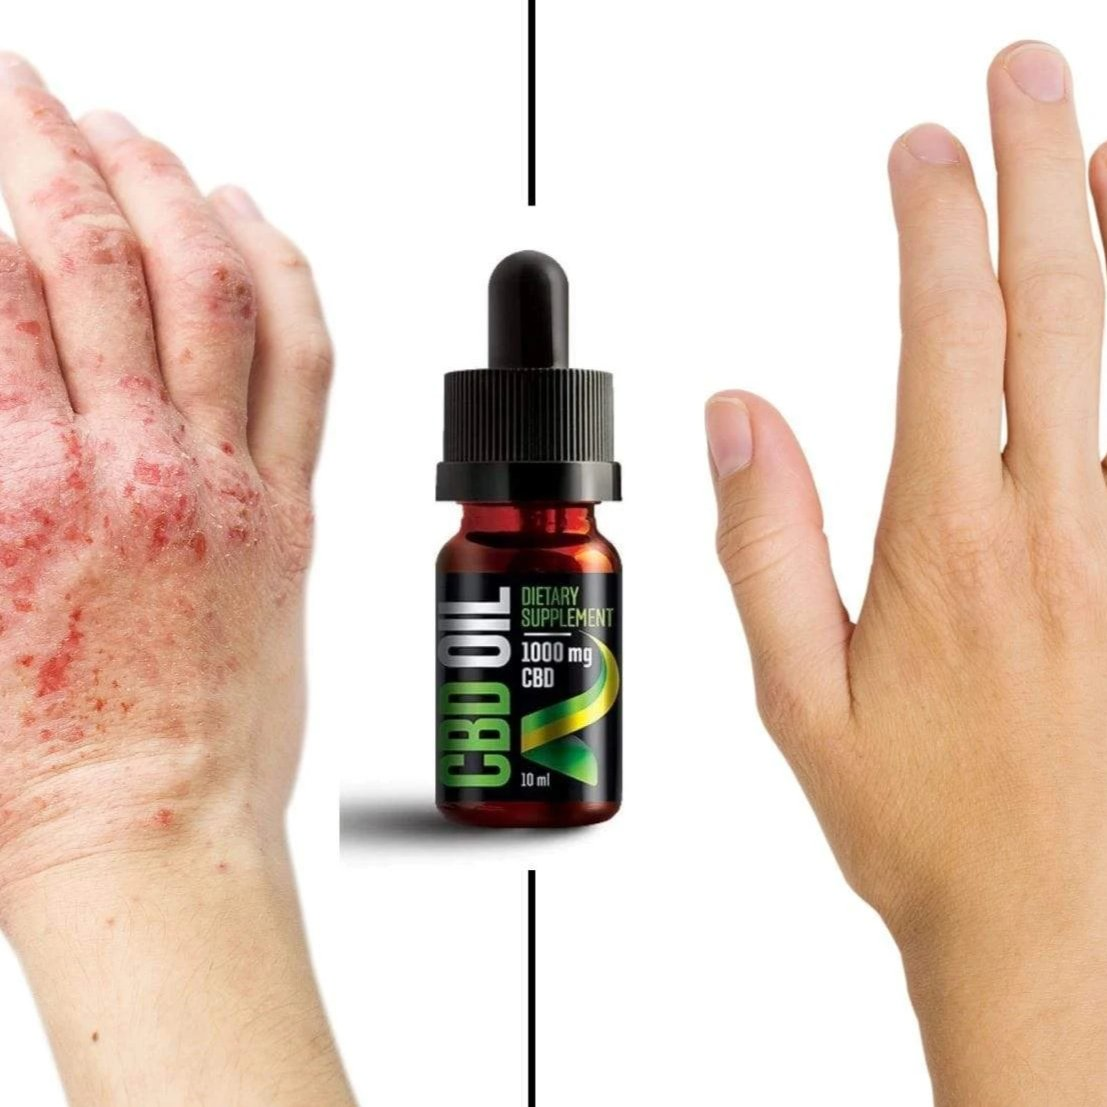 gyógyítható-e gyógynövényekkel a pikkelysömör vörös-barna foltok a lábakon fotó